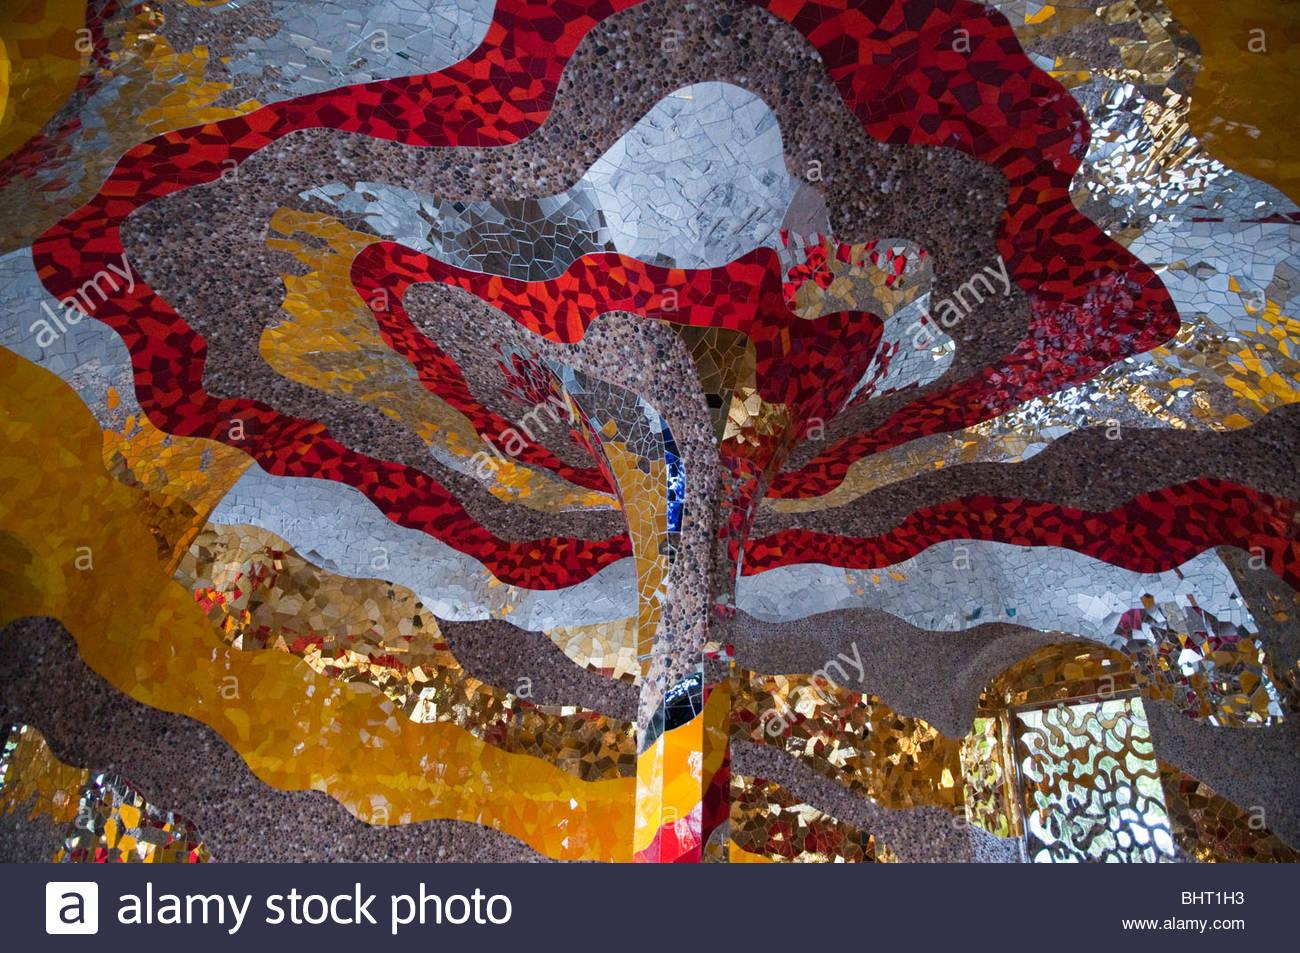 hannover great garden herrenhausen grotto by niki de saint phalle BHT1H3